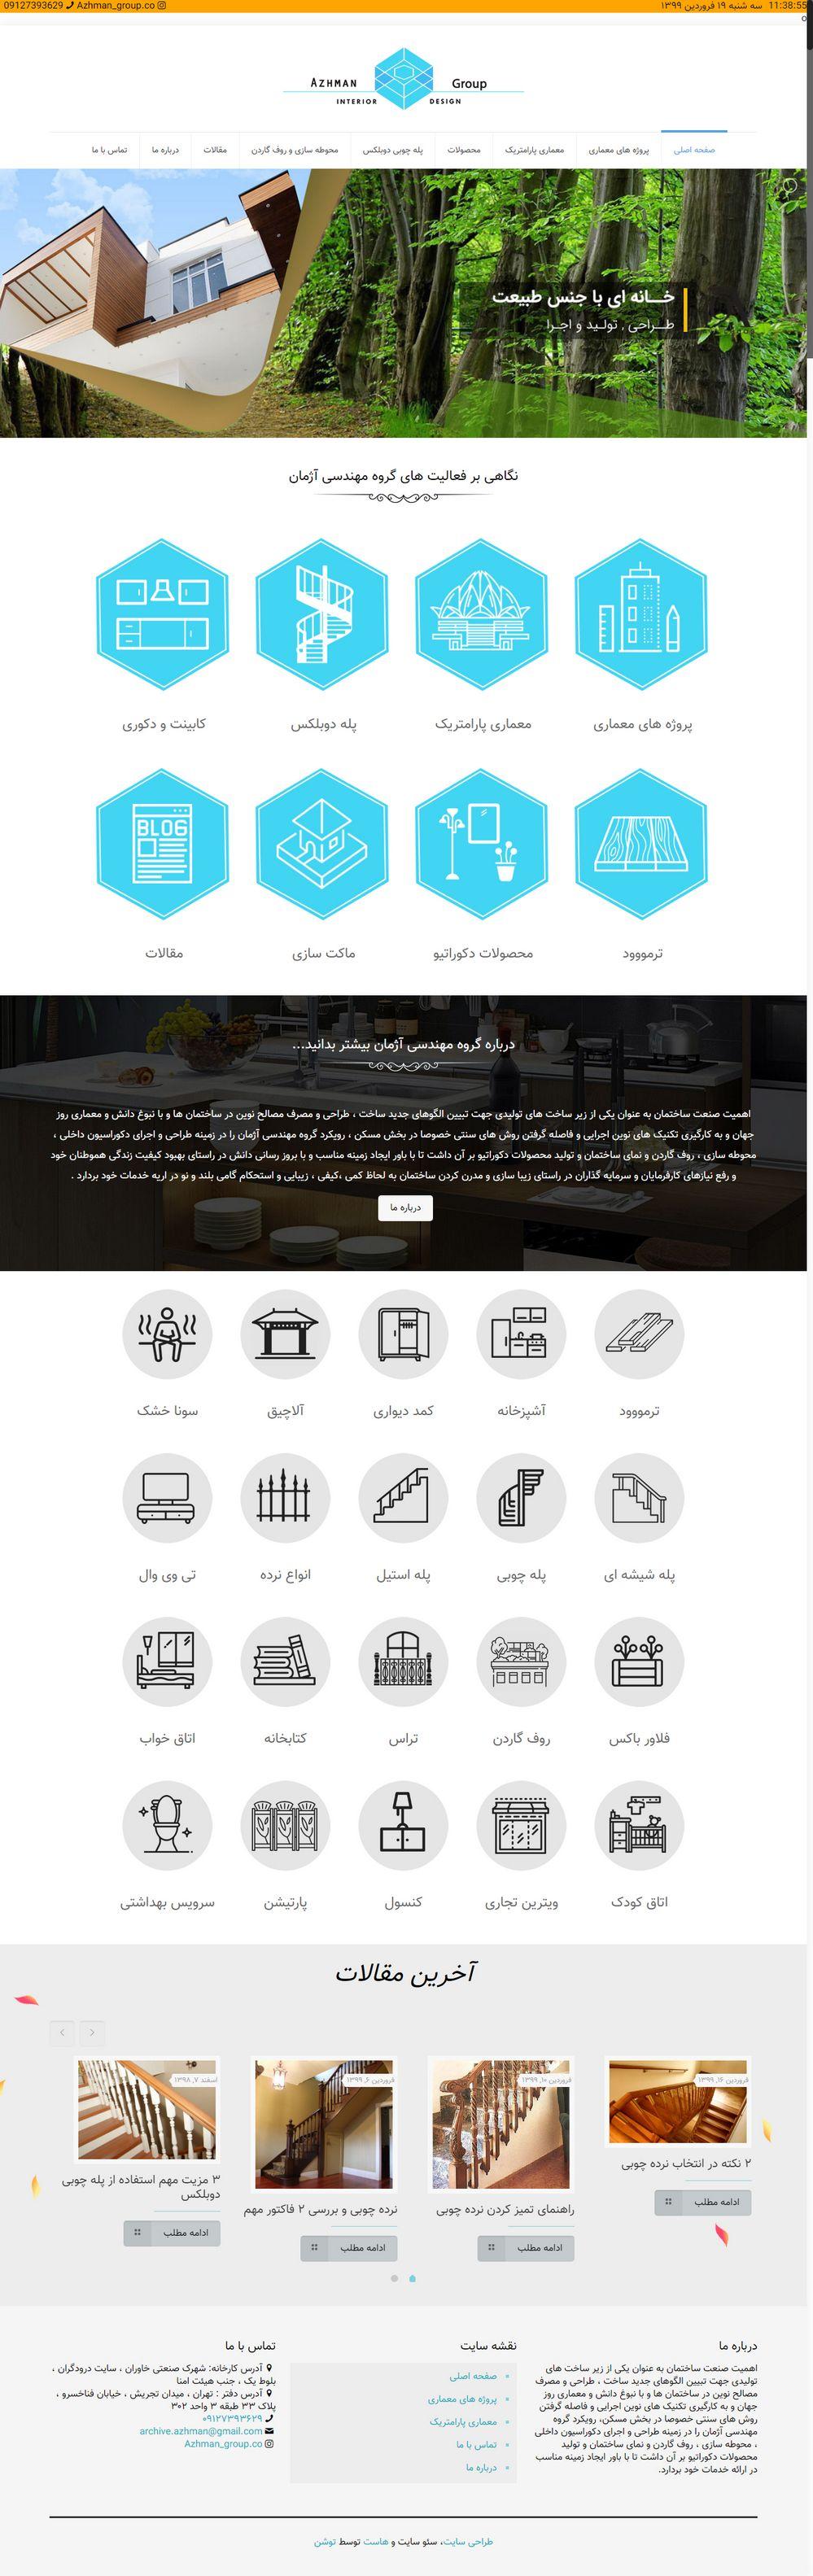 طراحی سایت گروه مهندسی آژمان